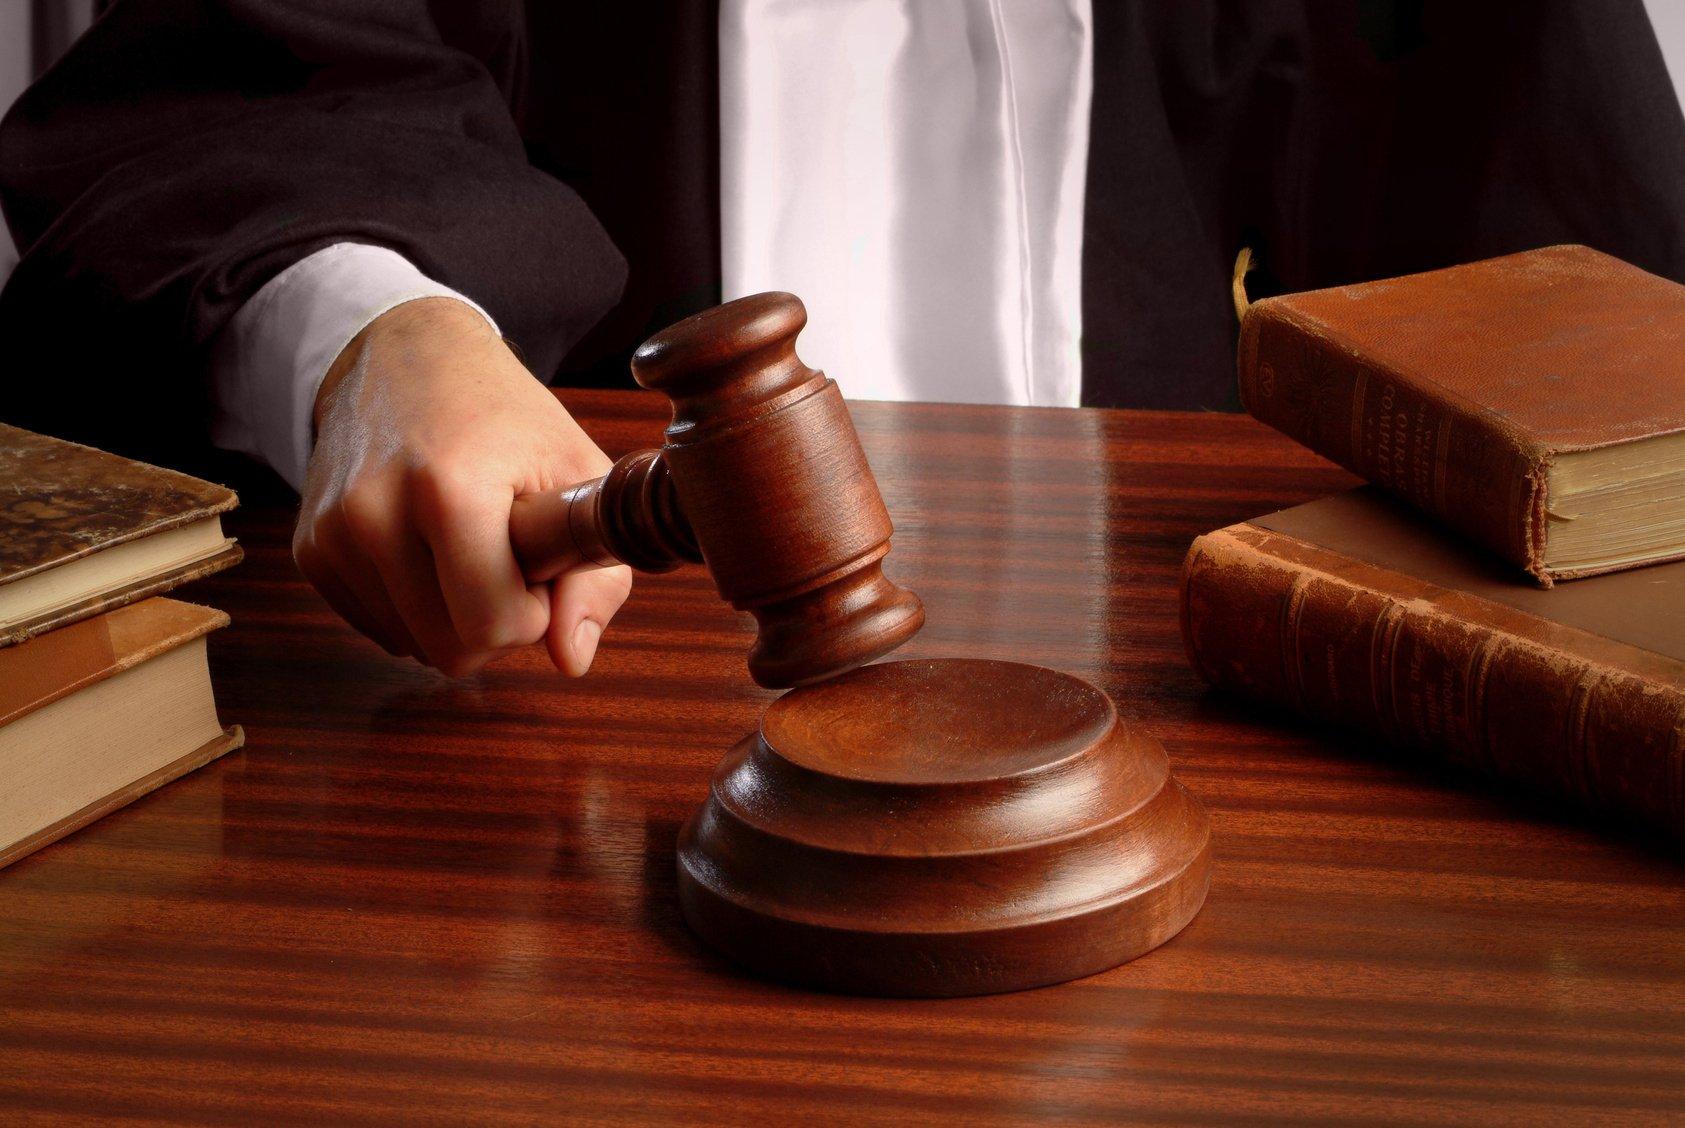 Два года ждали зарплату рабочие, строившие коттедж судье в Актау, Рабочий, Коттедж, Судья, Актау